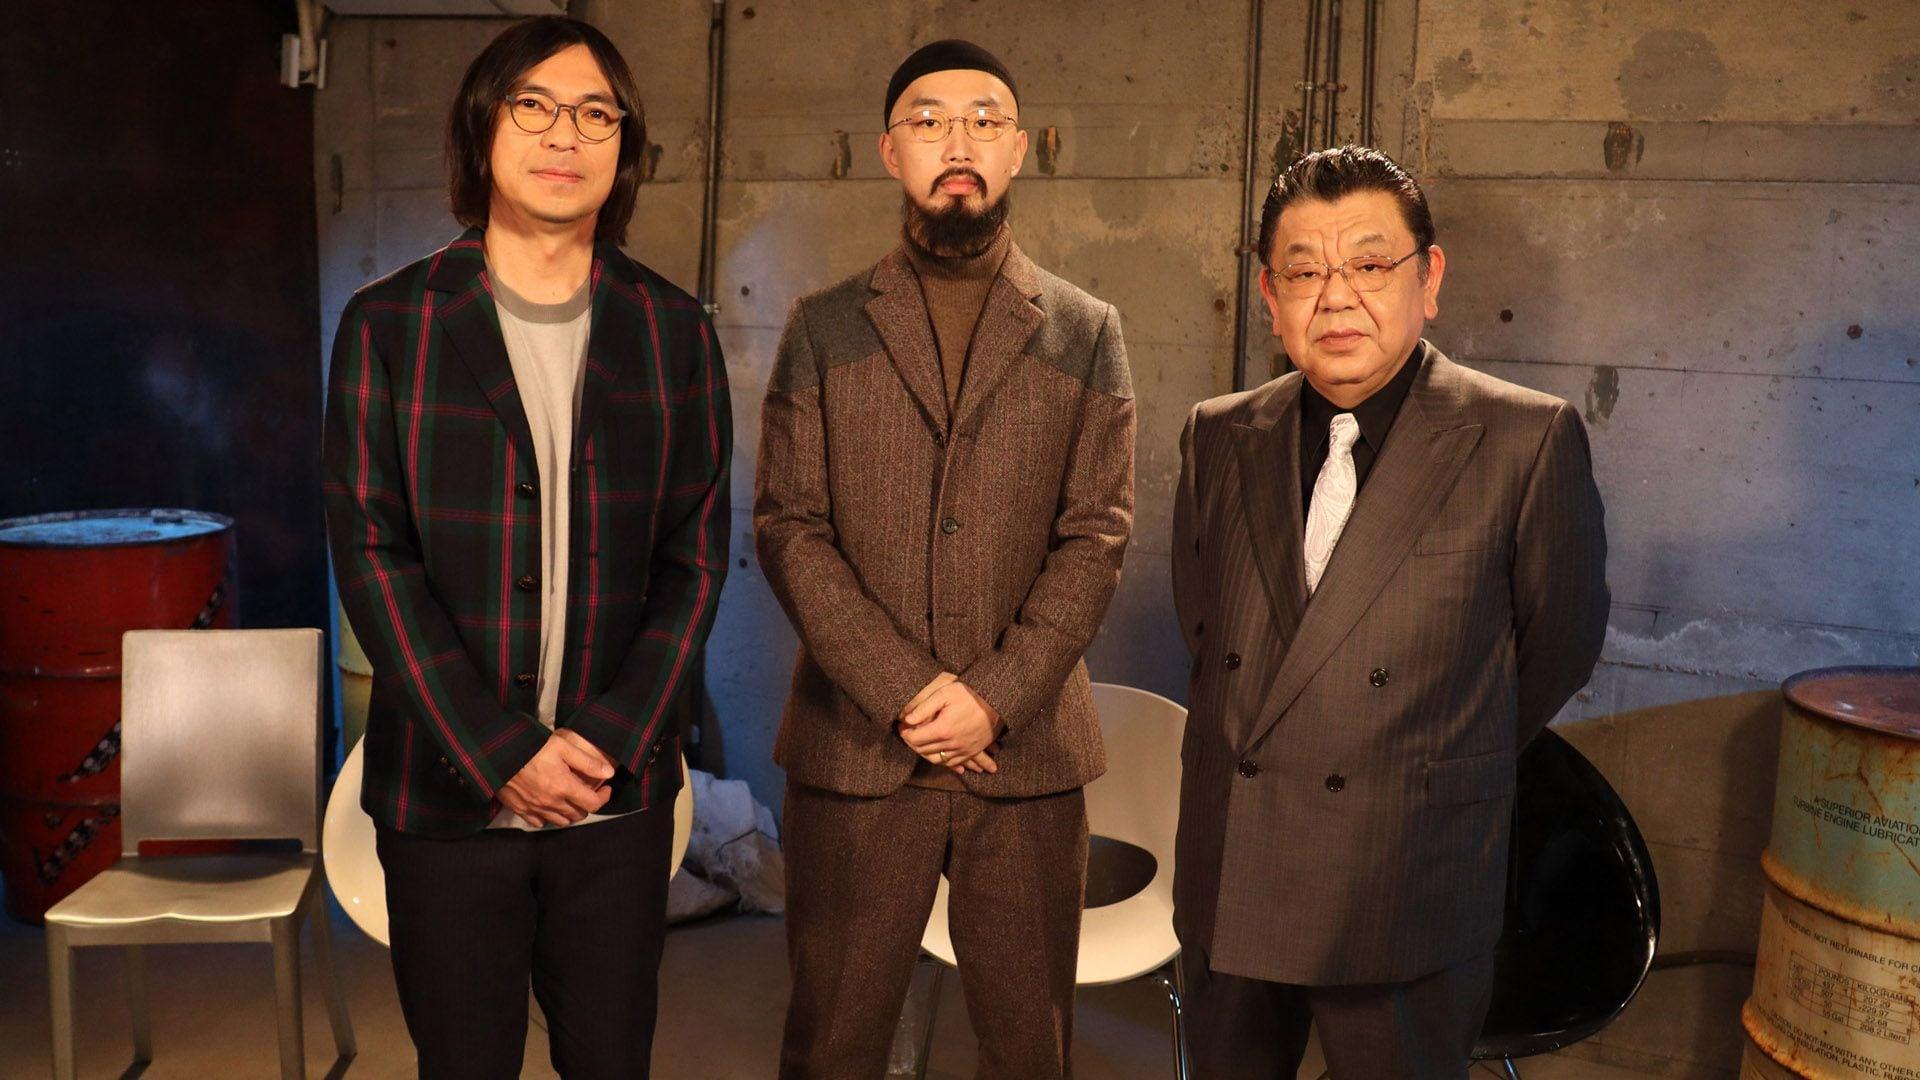 チカーノになった日本人・KEI氏にふかわりょう「音声にモザイクを…」CS映画chで『強KOWAMOTE面2』放送決定の画像004